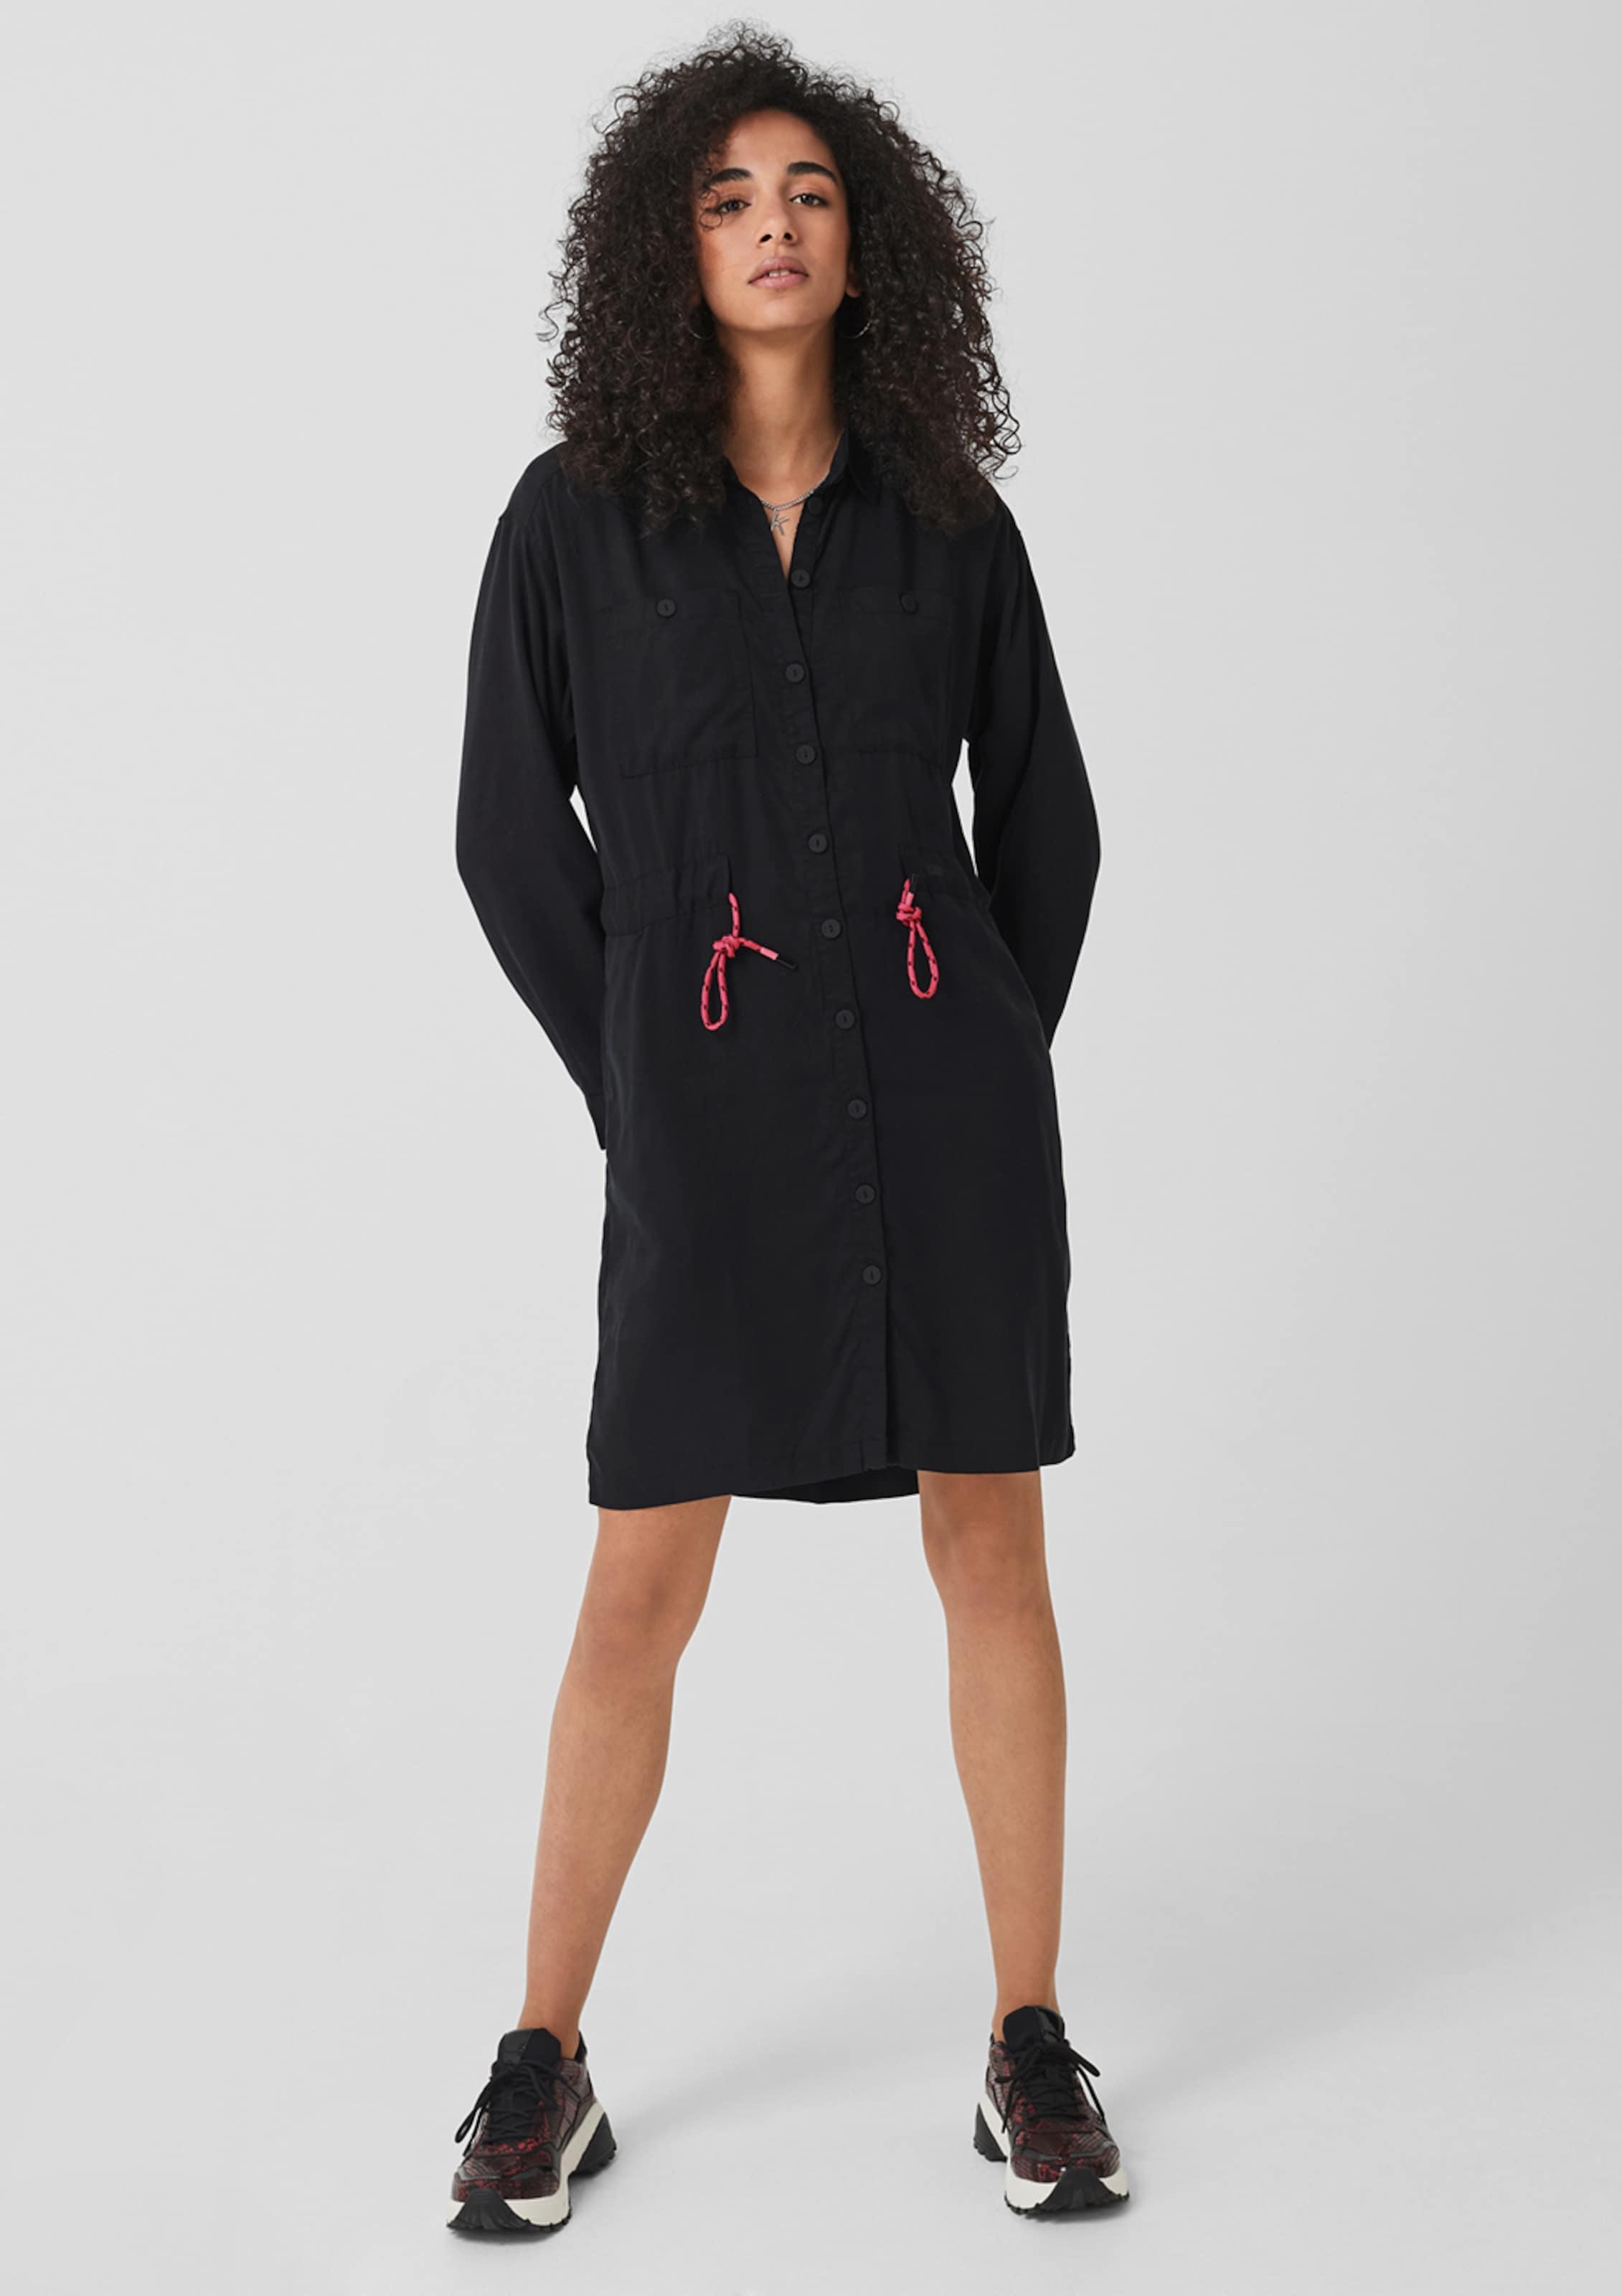 Kleid s Designed In By Schwarz Q jAq354LR